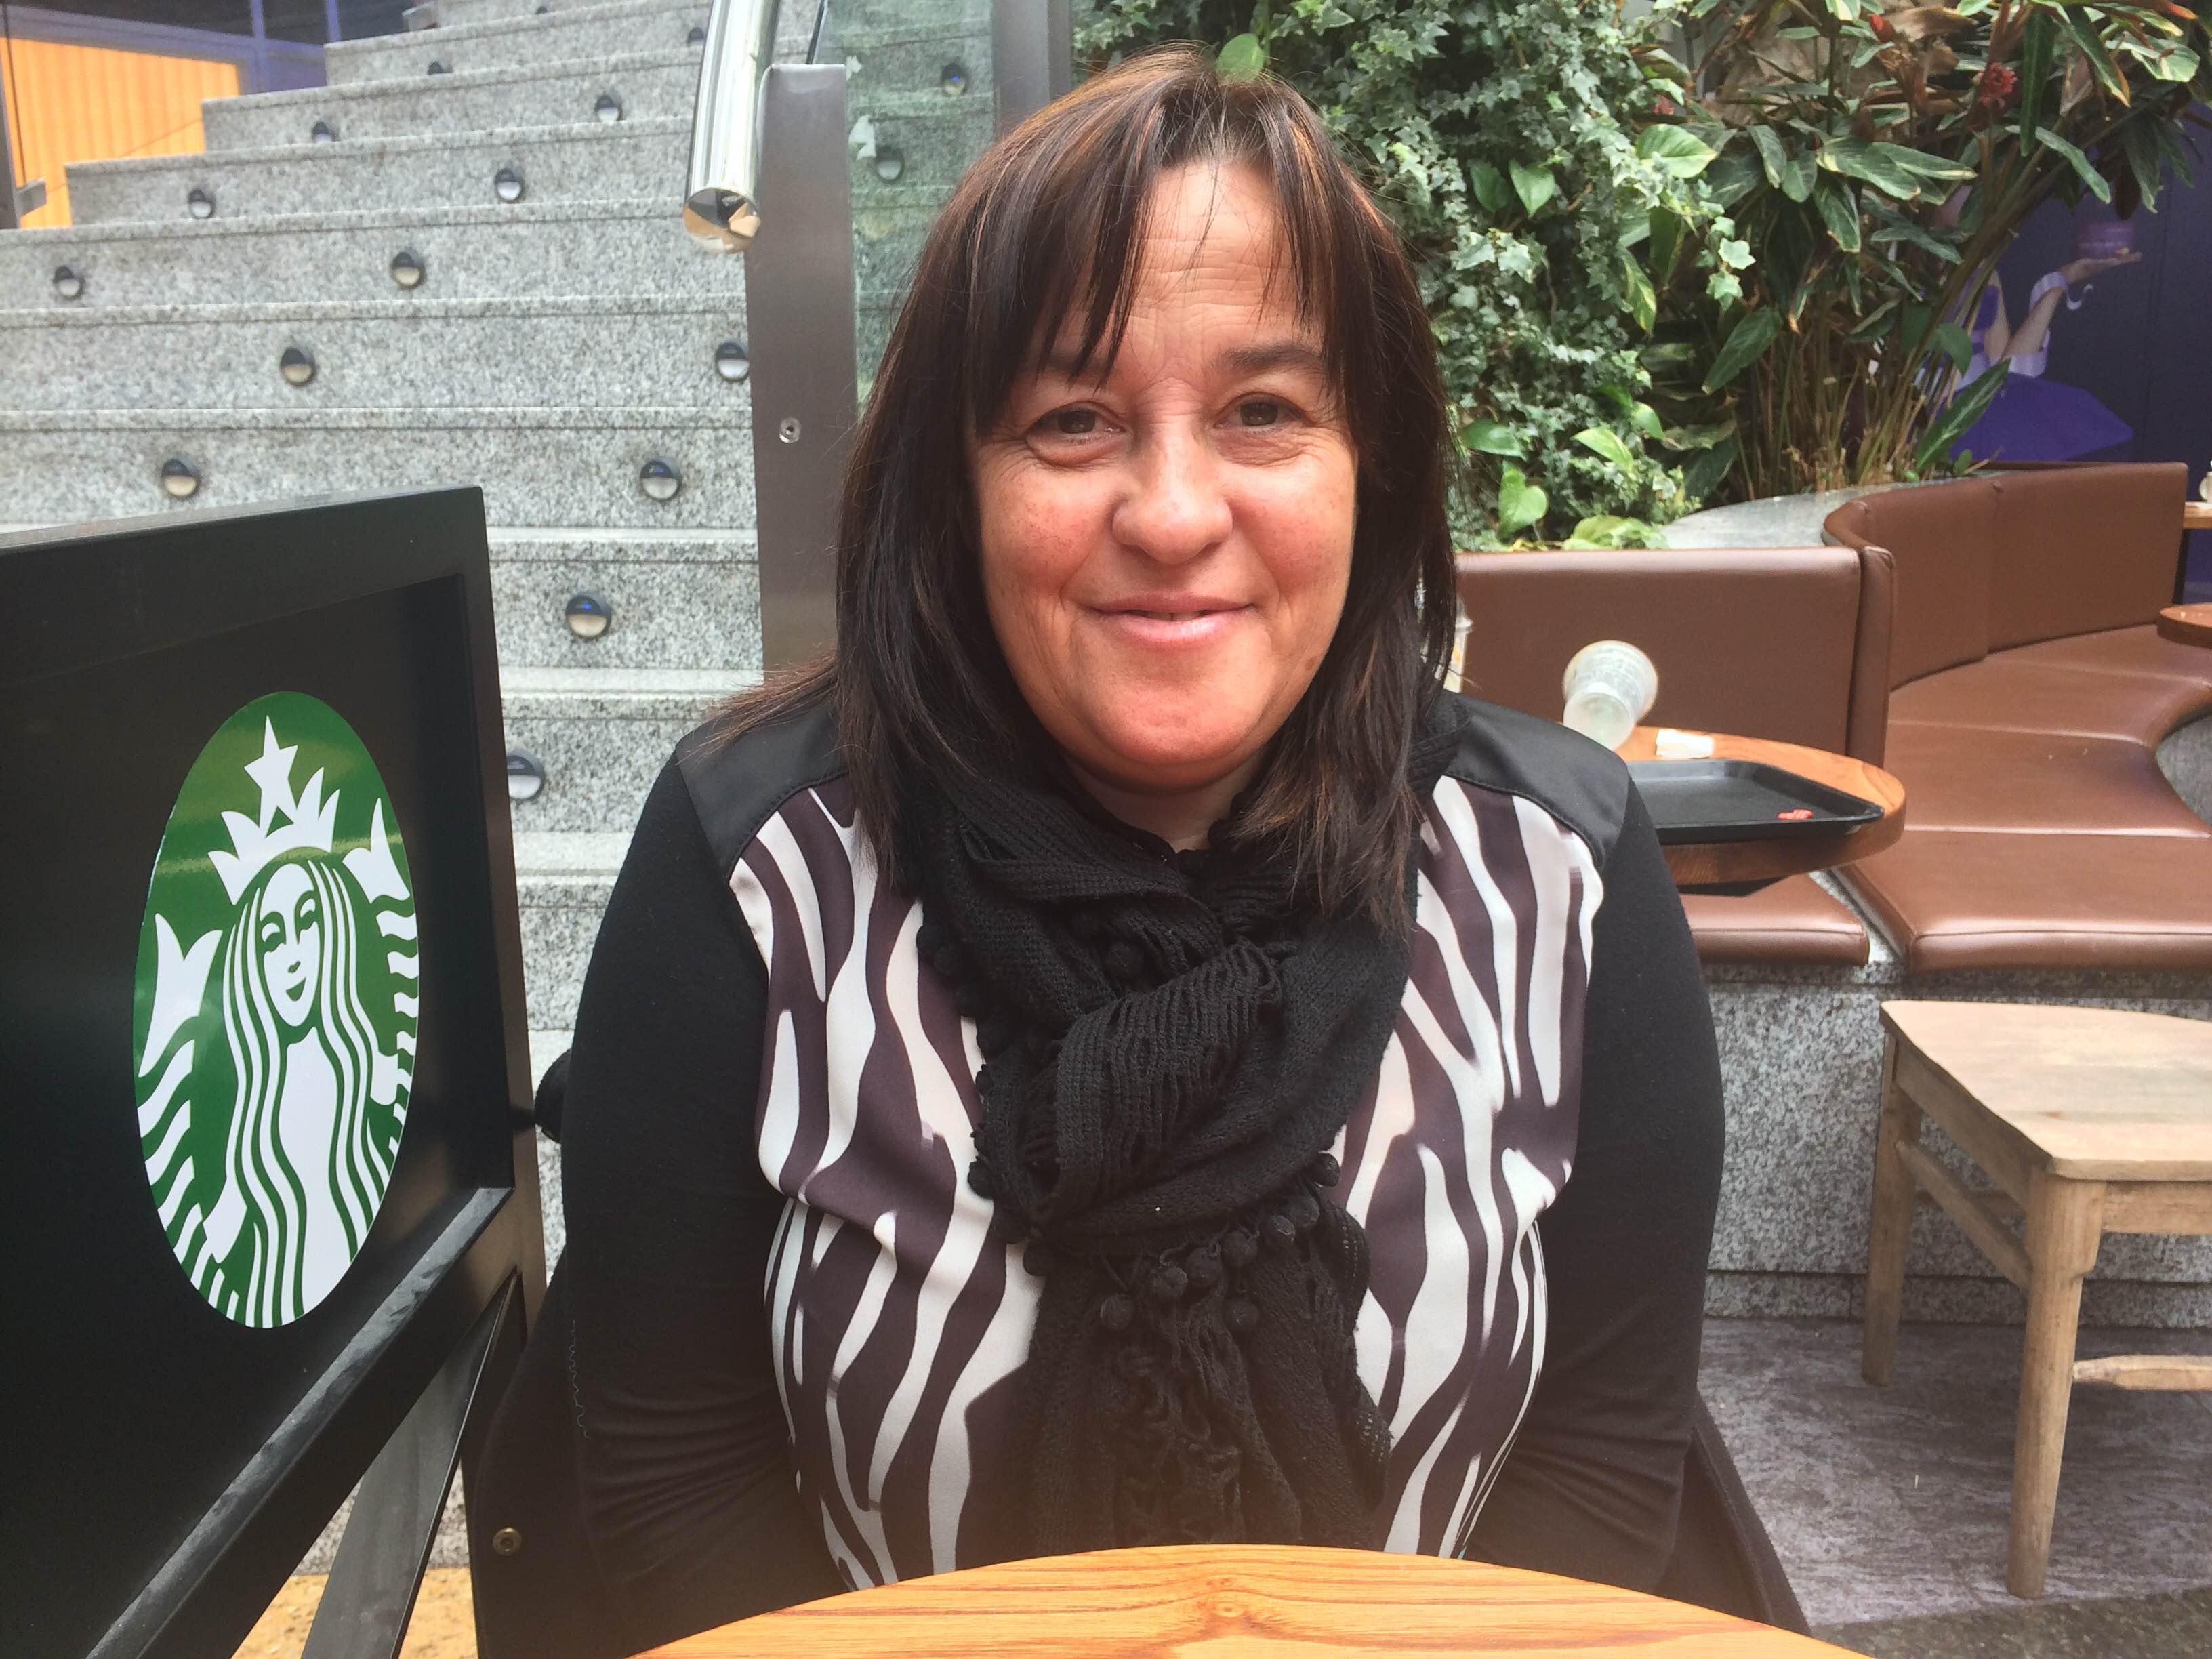 Almudena Macías, madre de acogimiento estival, nos habla de su experiencia / Variación XXI